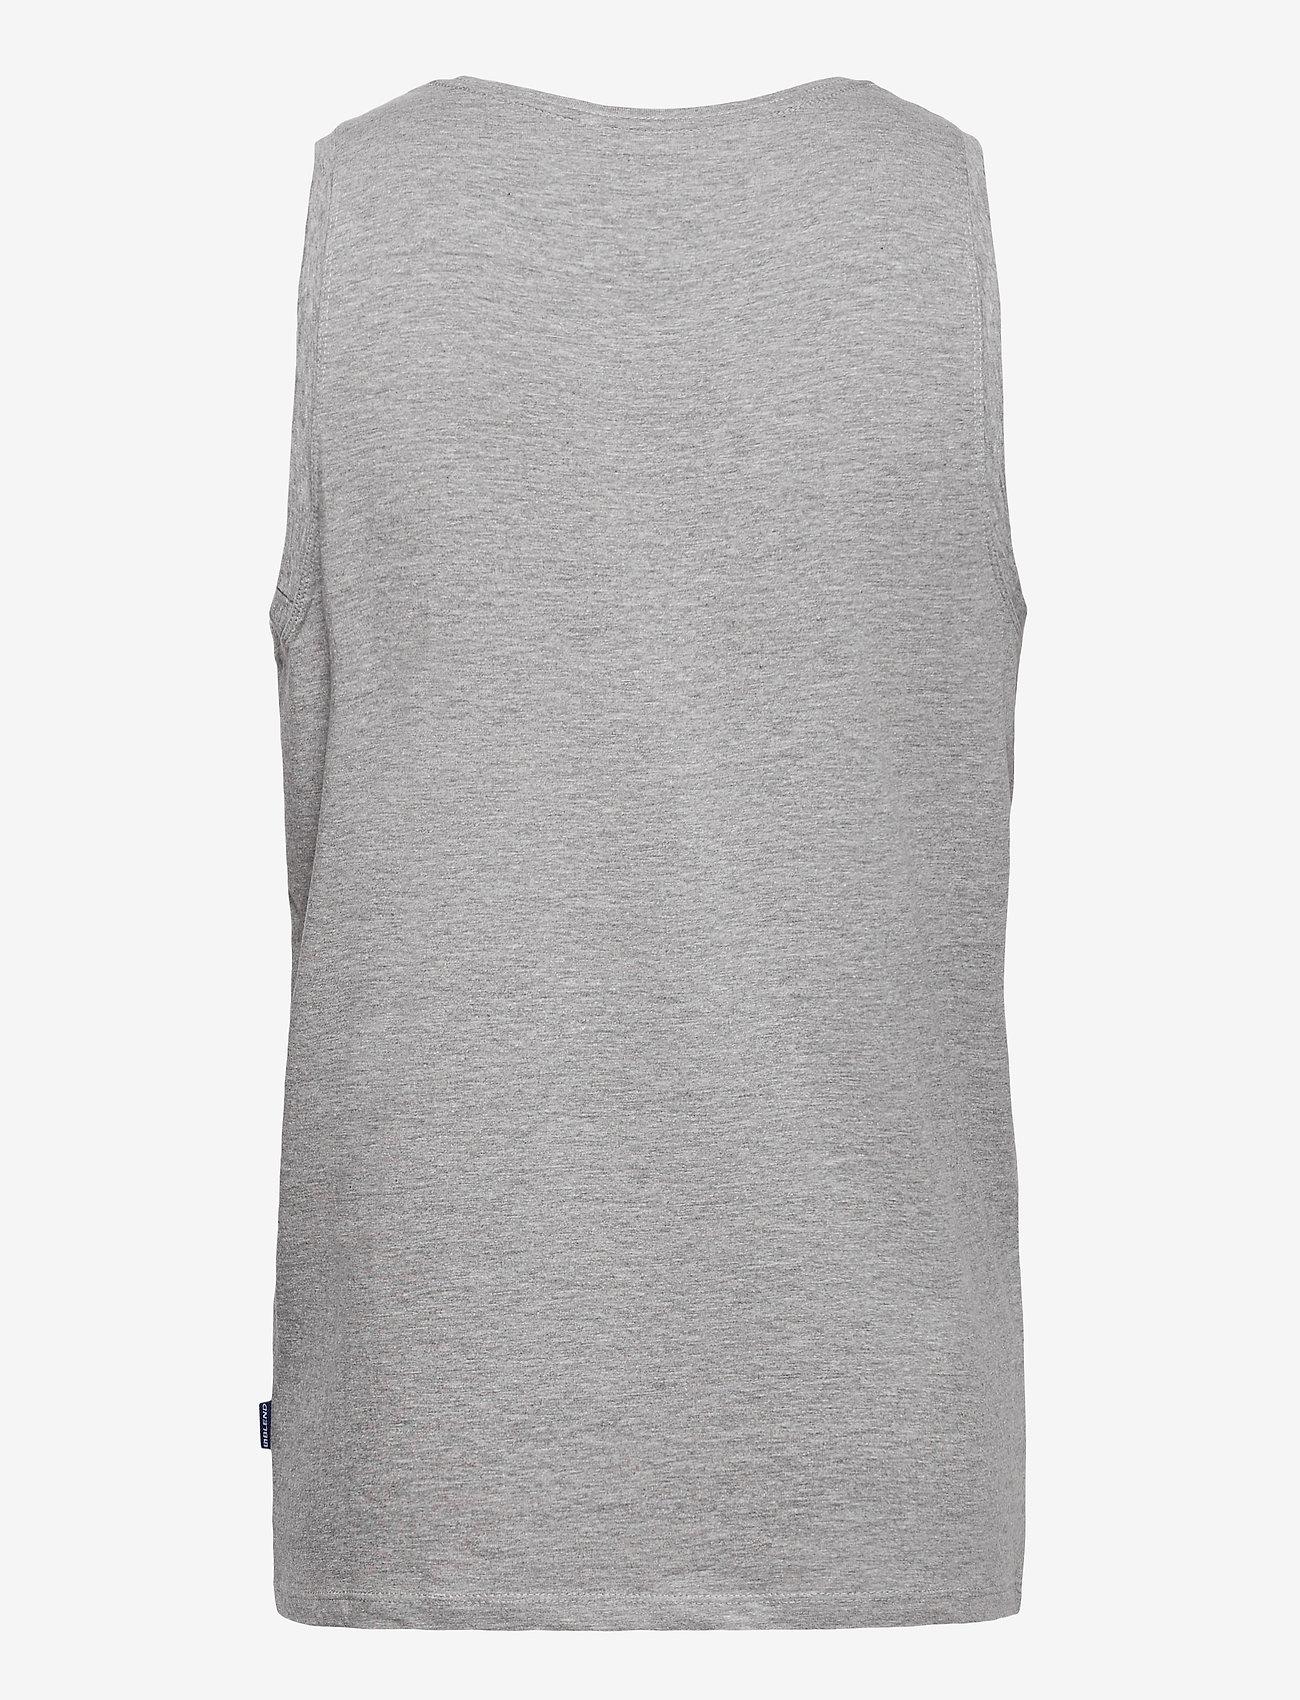 Blend - Tanktop - mouwenloze t-shirts - stone mix - 1